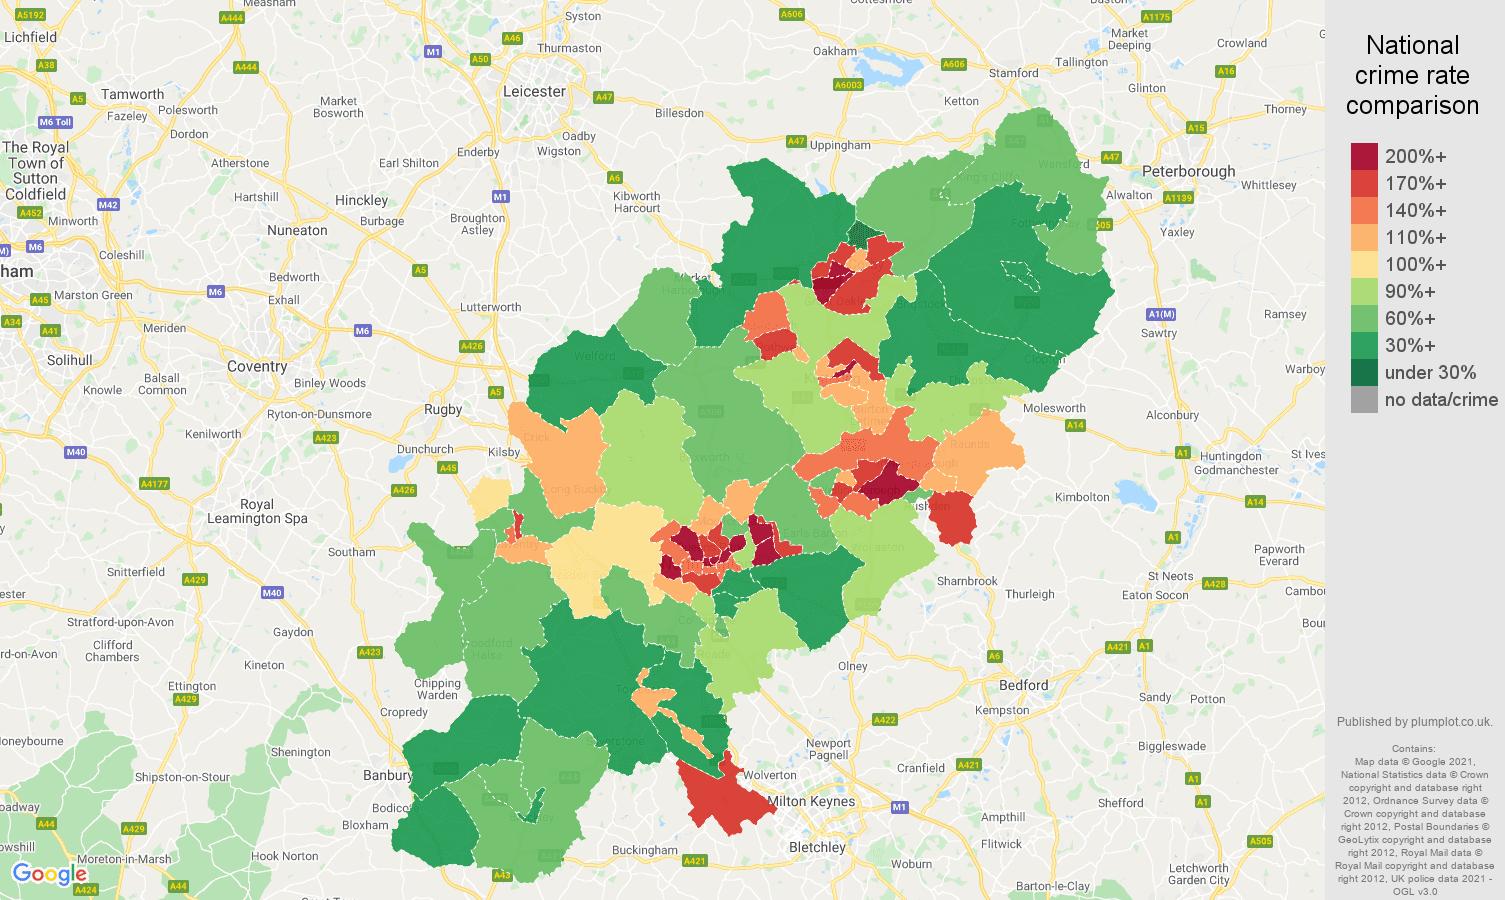 Northamptonshire violent crime rate comparison map